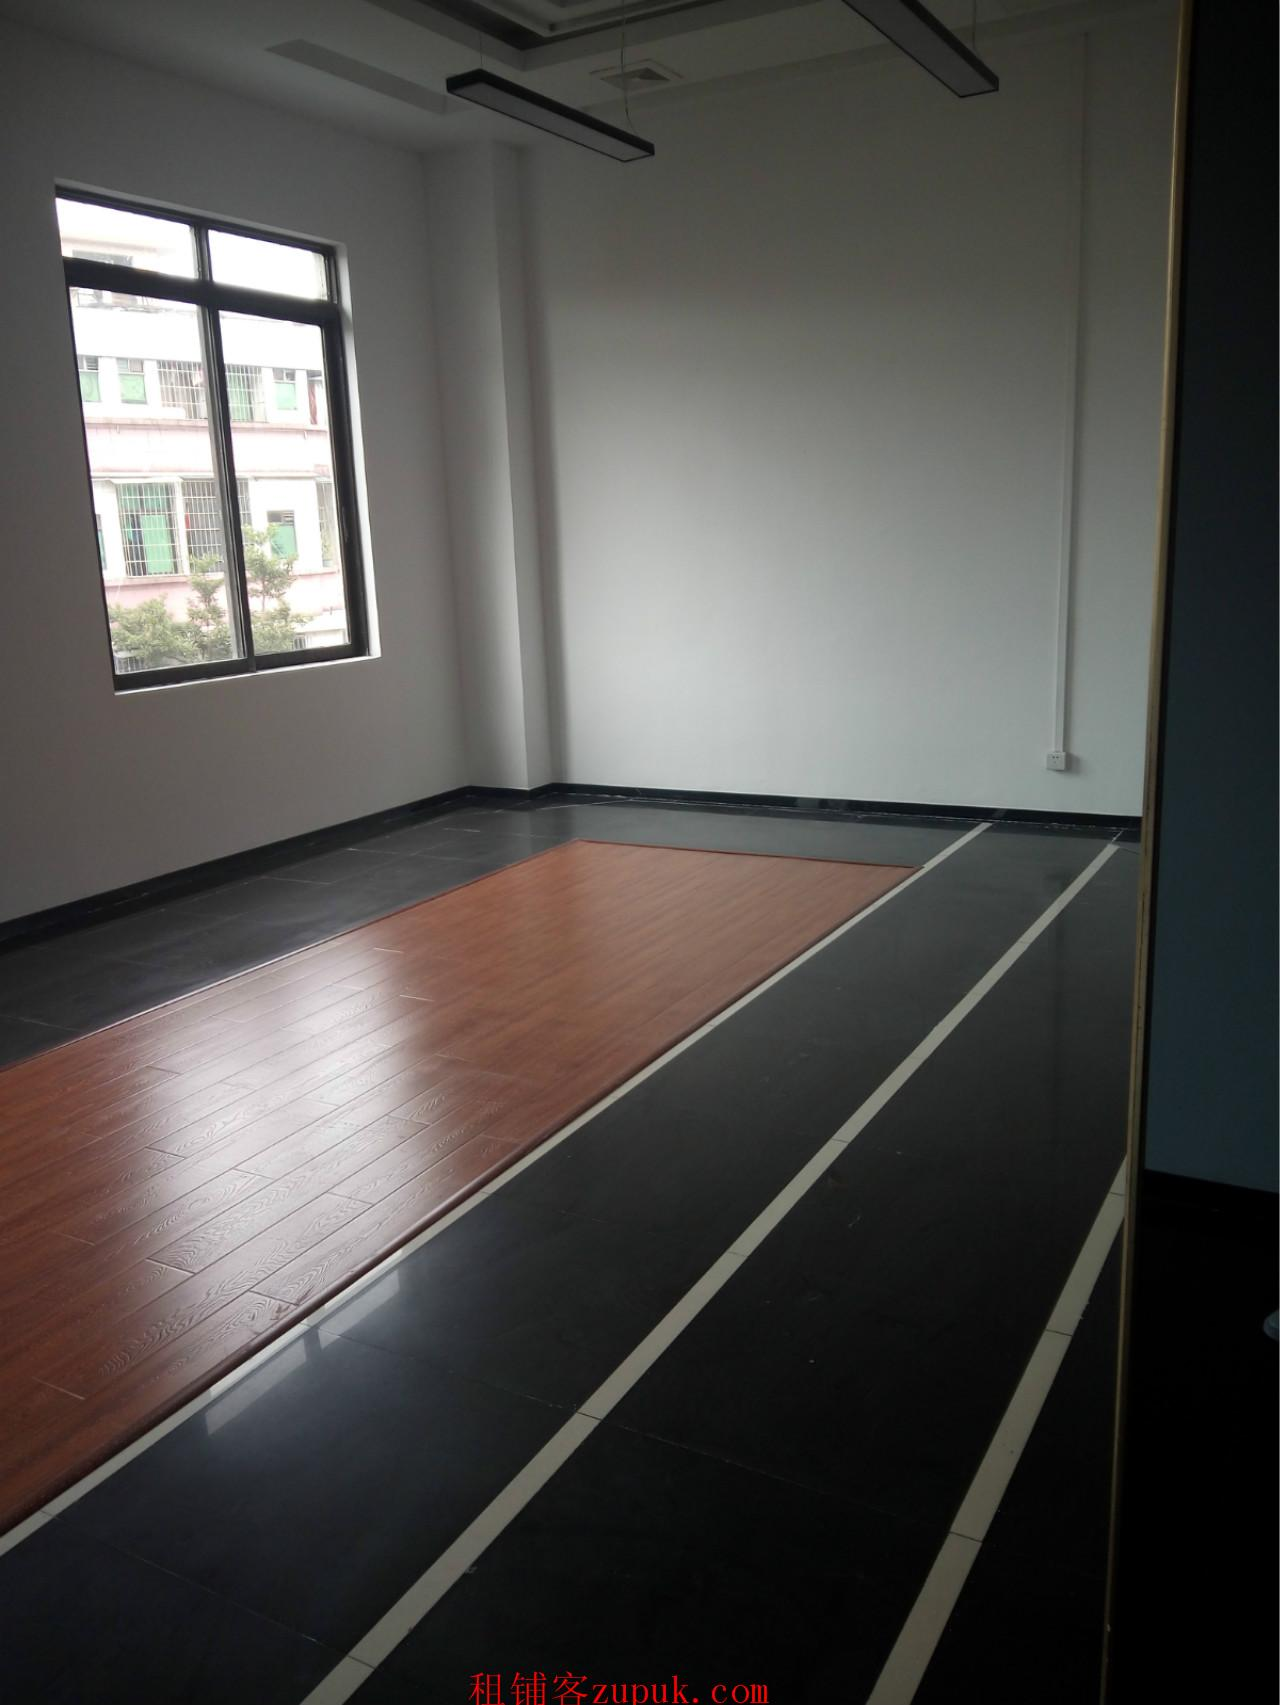 番禺广场地铁口 东荟创新园85方办公室出租 诚邀科技行业进驻